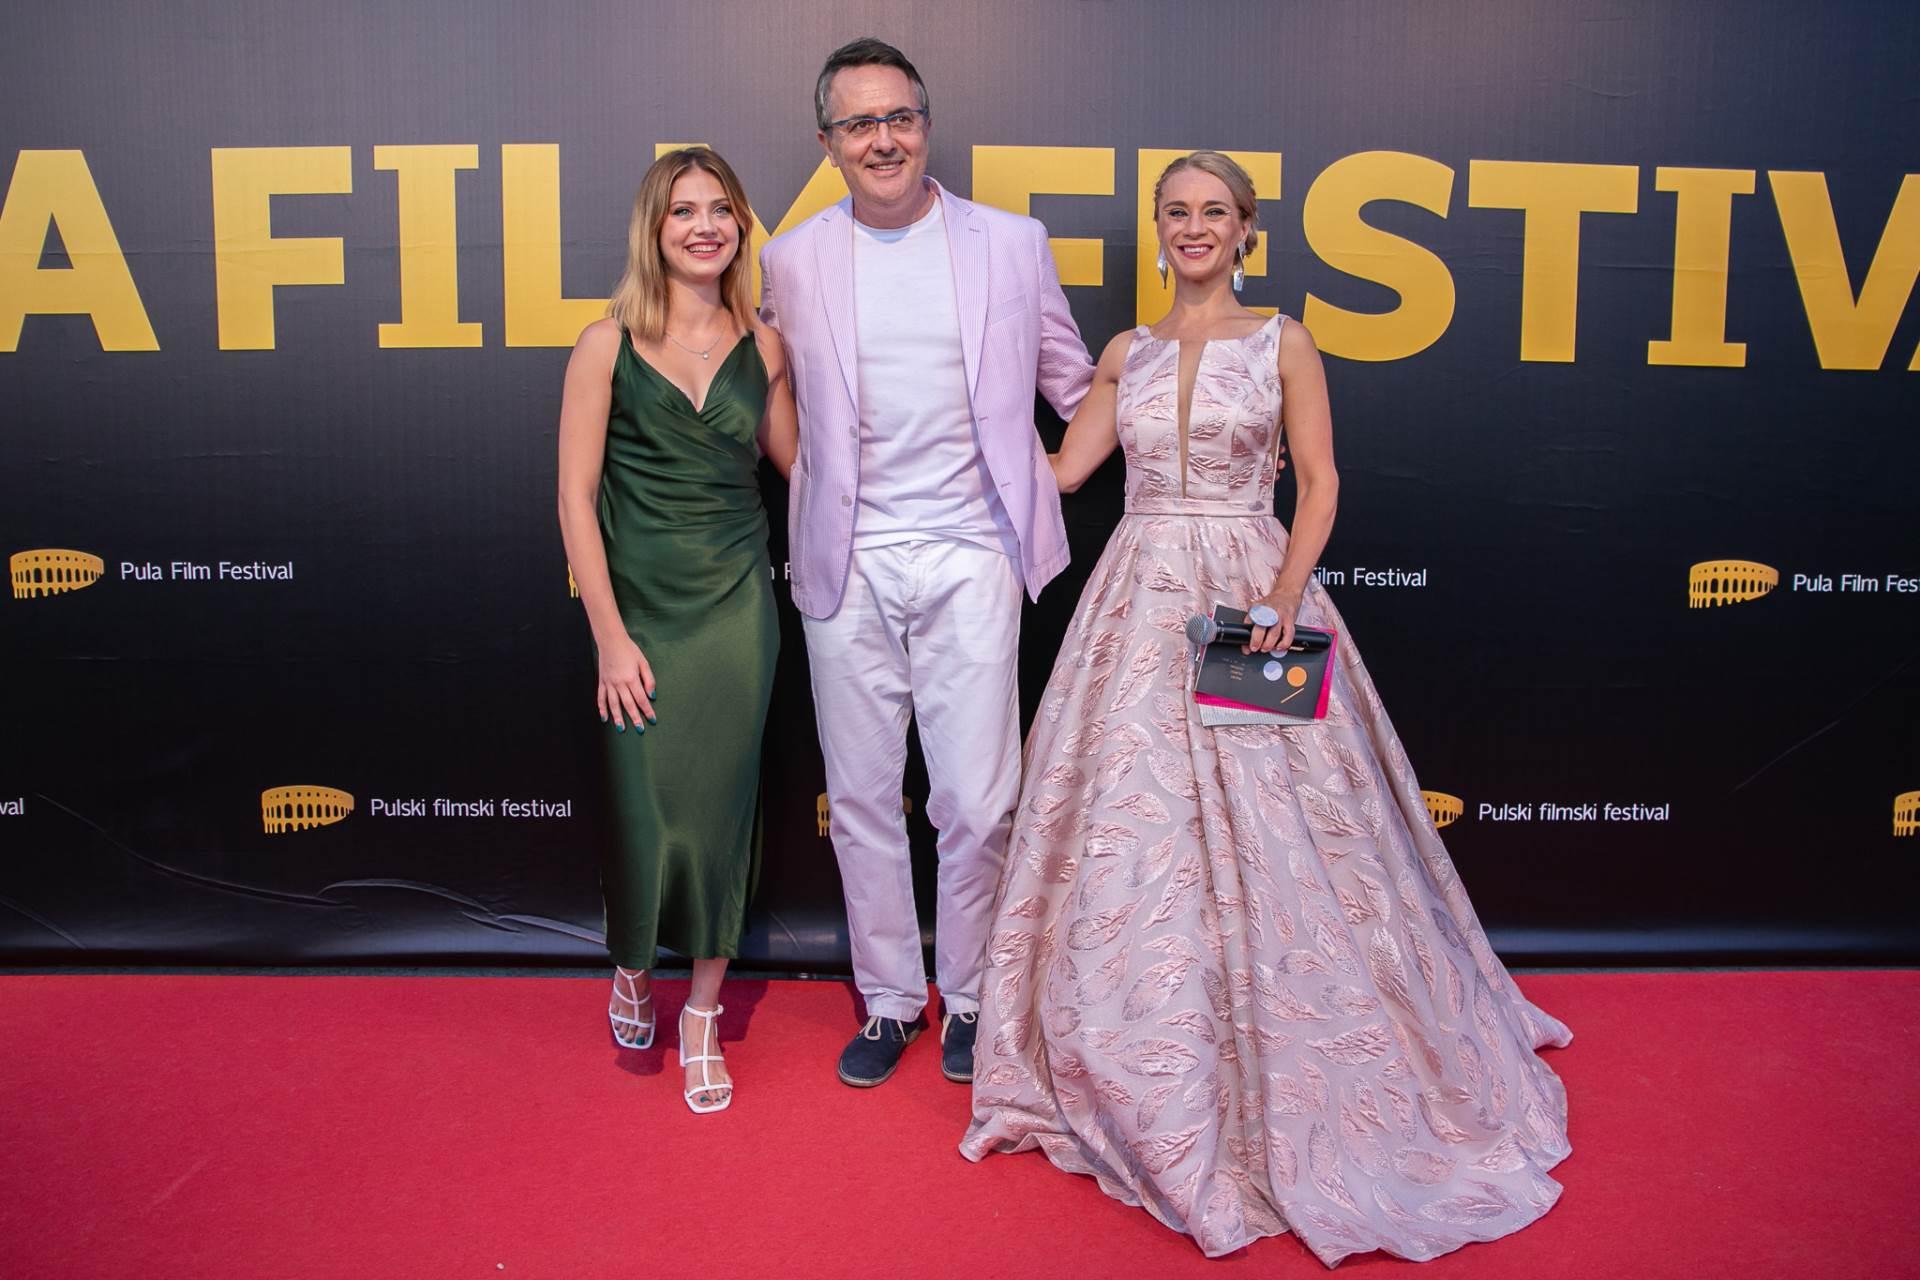 Mia Negovetić, Tarik Filipović i Jelena Vitasović koja je bila voditeljica Festivala i koja je zablistala u haljini s potpisom domaćeg dizajnerskog brenda TARA Fashion